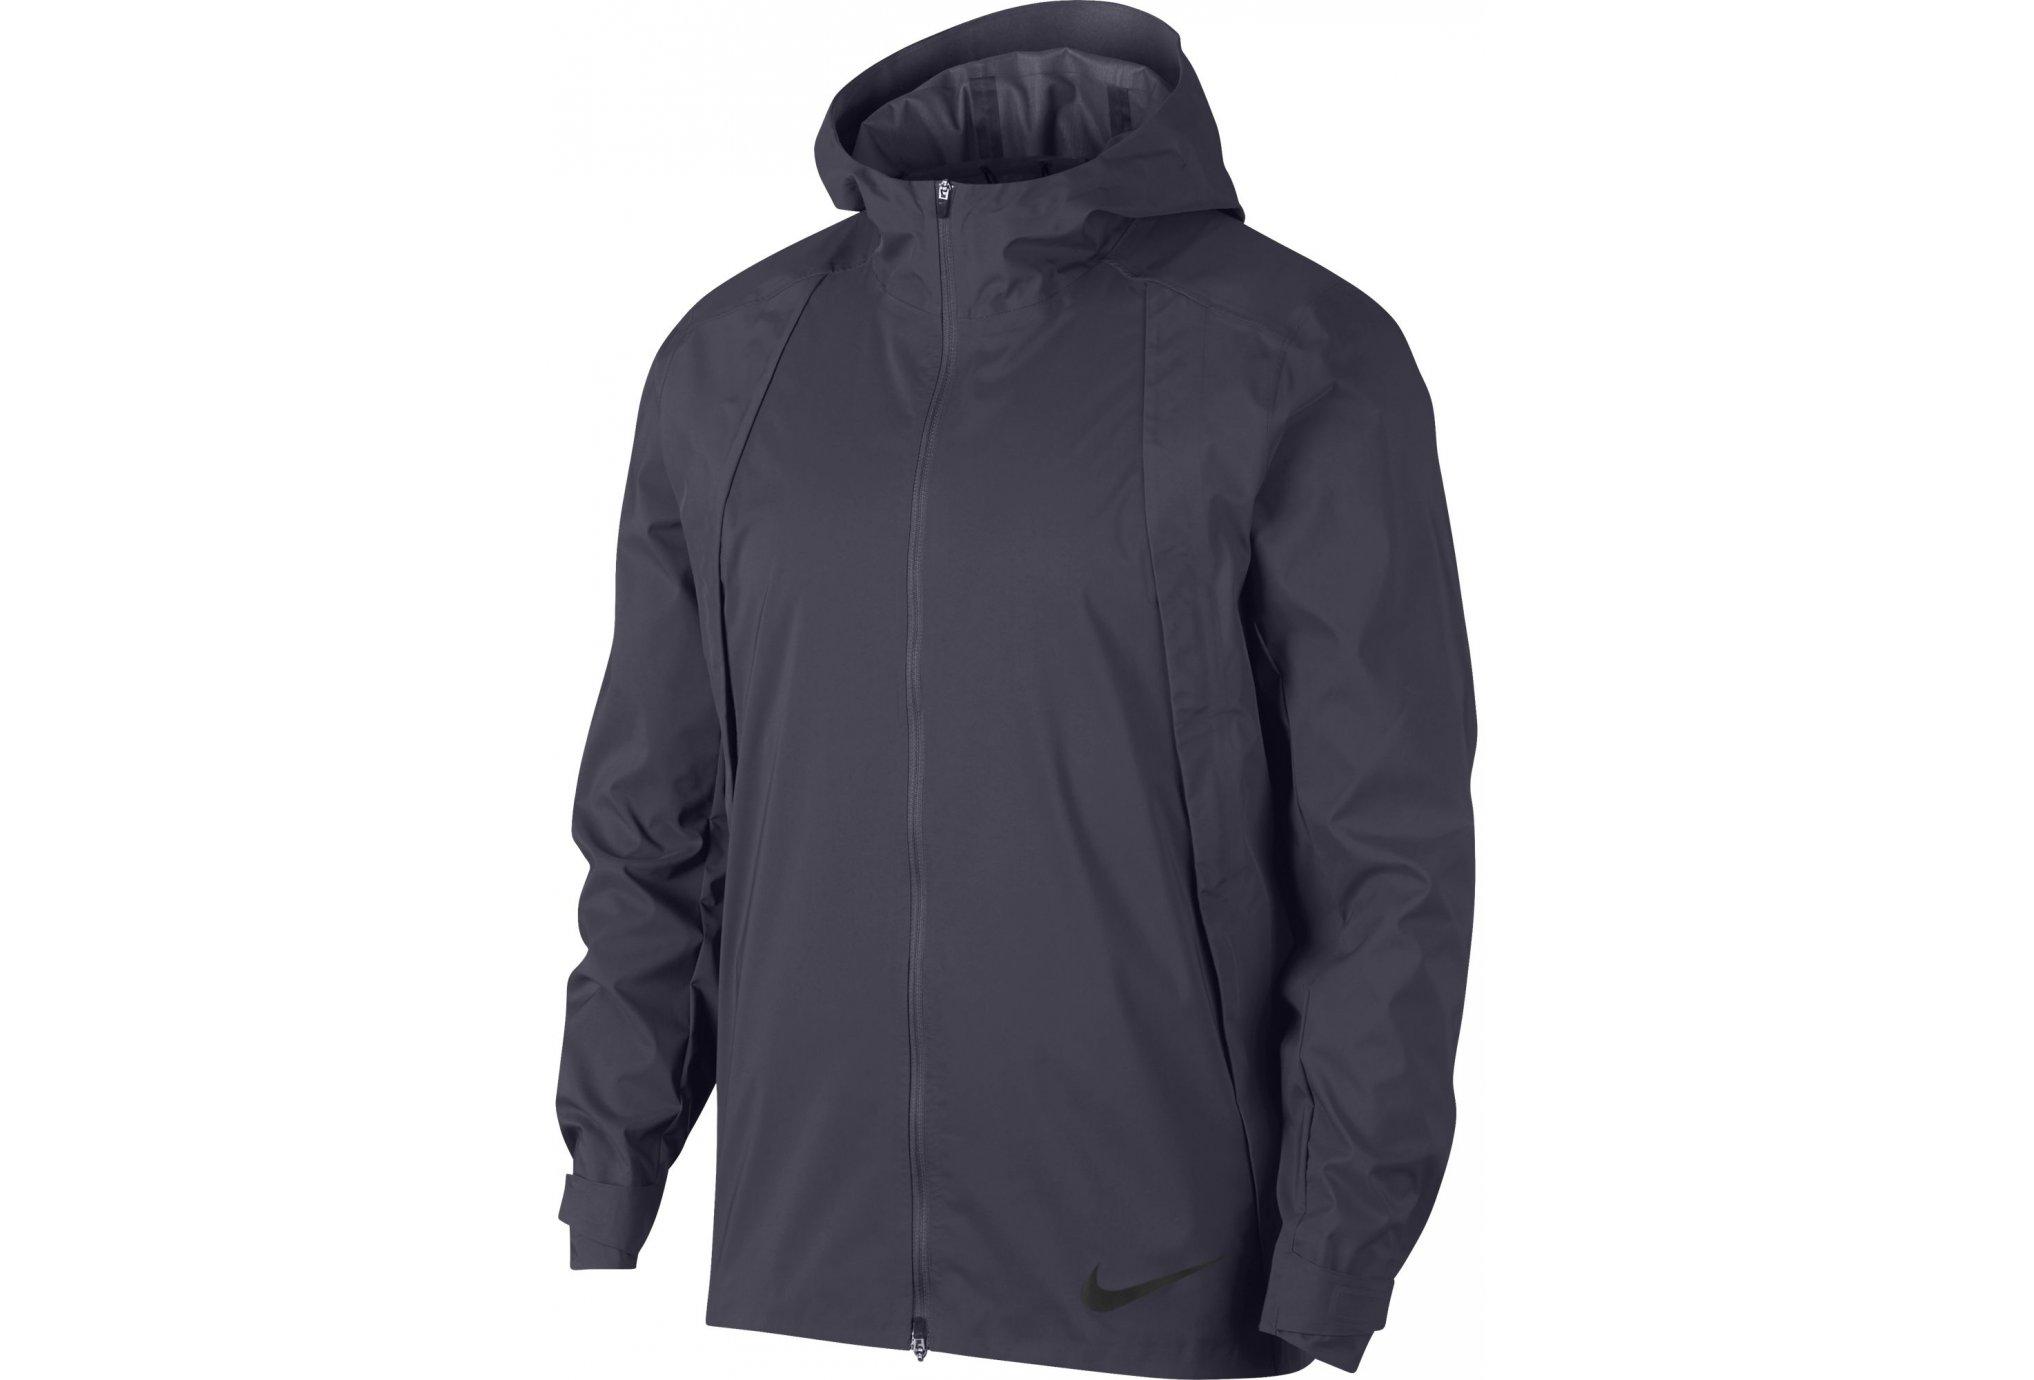 b9b8de87736fee Nike M 081 Vêtement Homme Aeroshield réf 928481 Zonal Running gSwqxgWvF